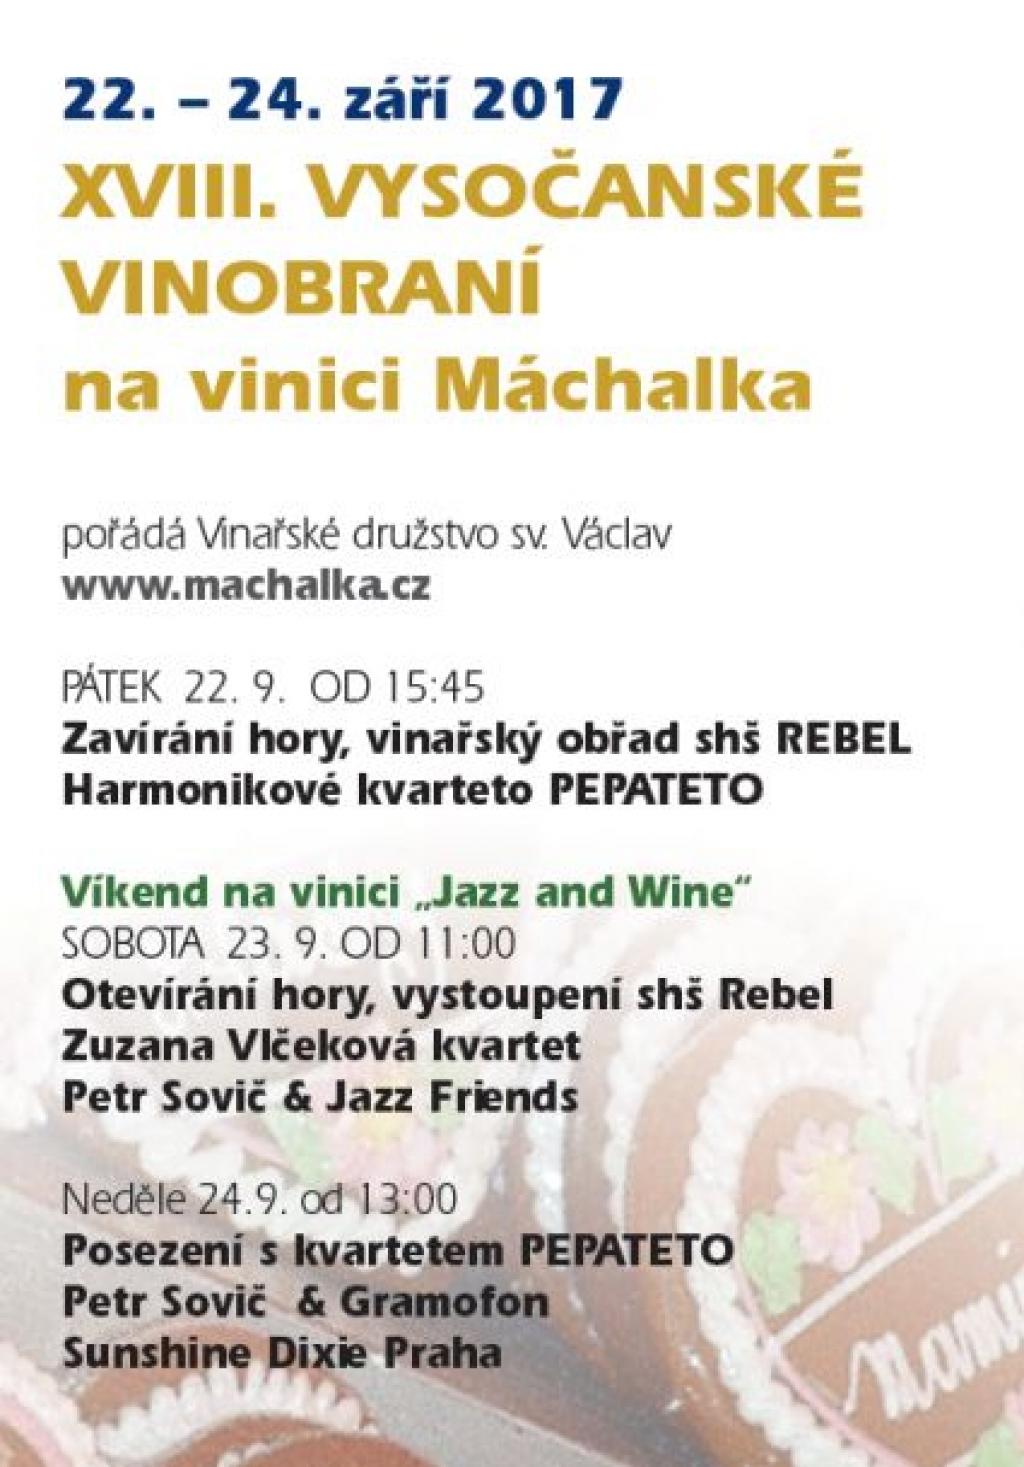 XVIII. Vysočanské vinobraní na vinici Máchalka 2017